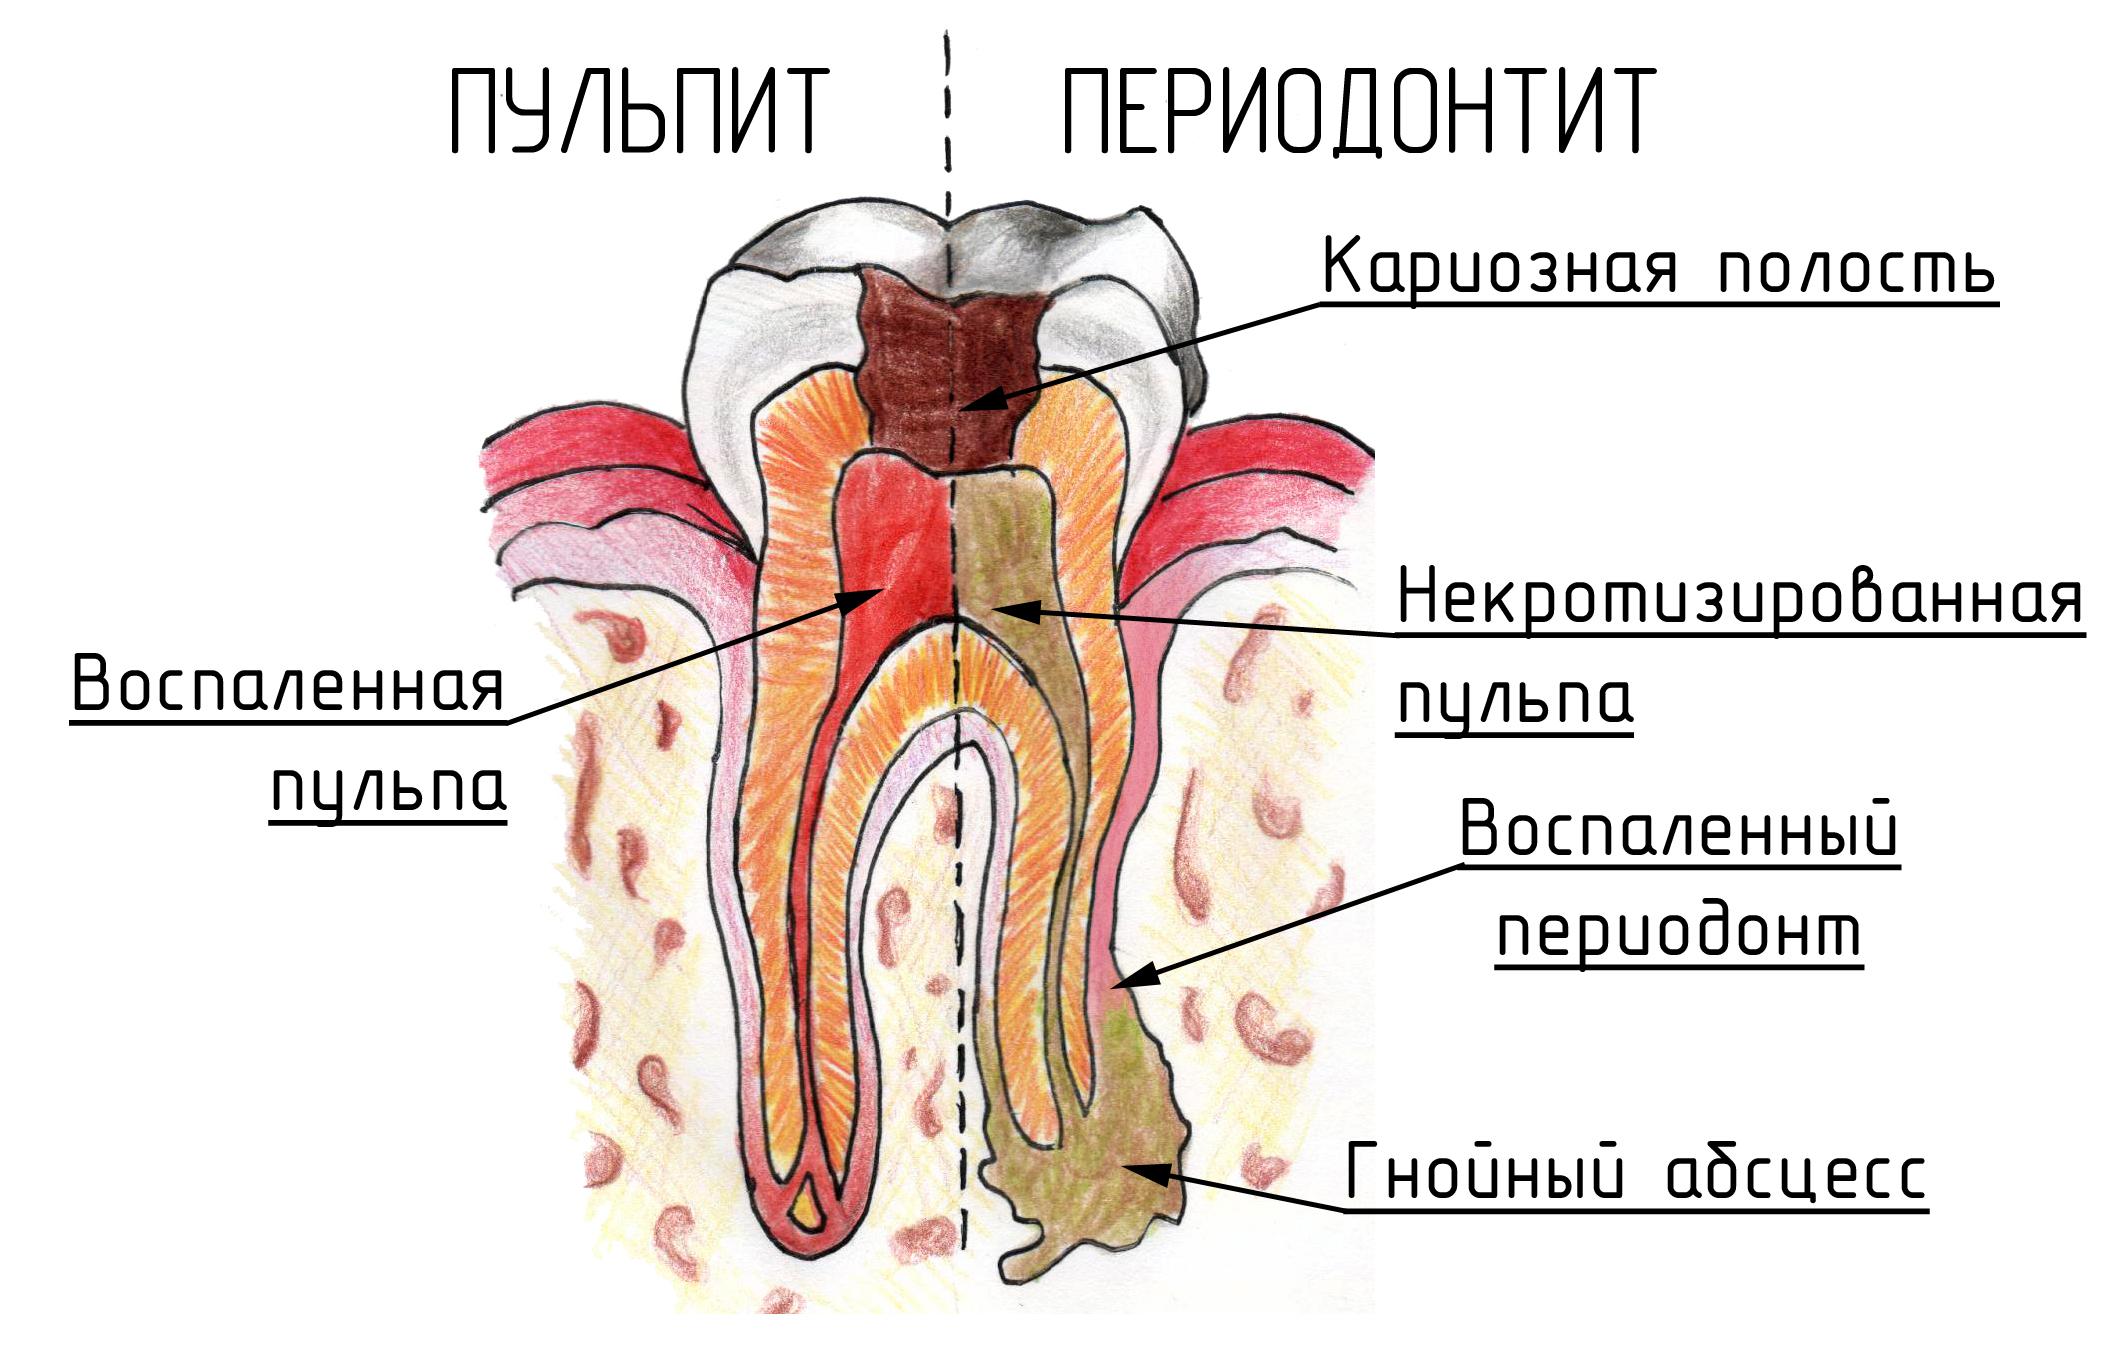 Симптомы и способы лечения хронического периодонтита